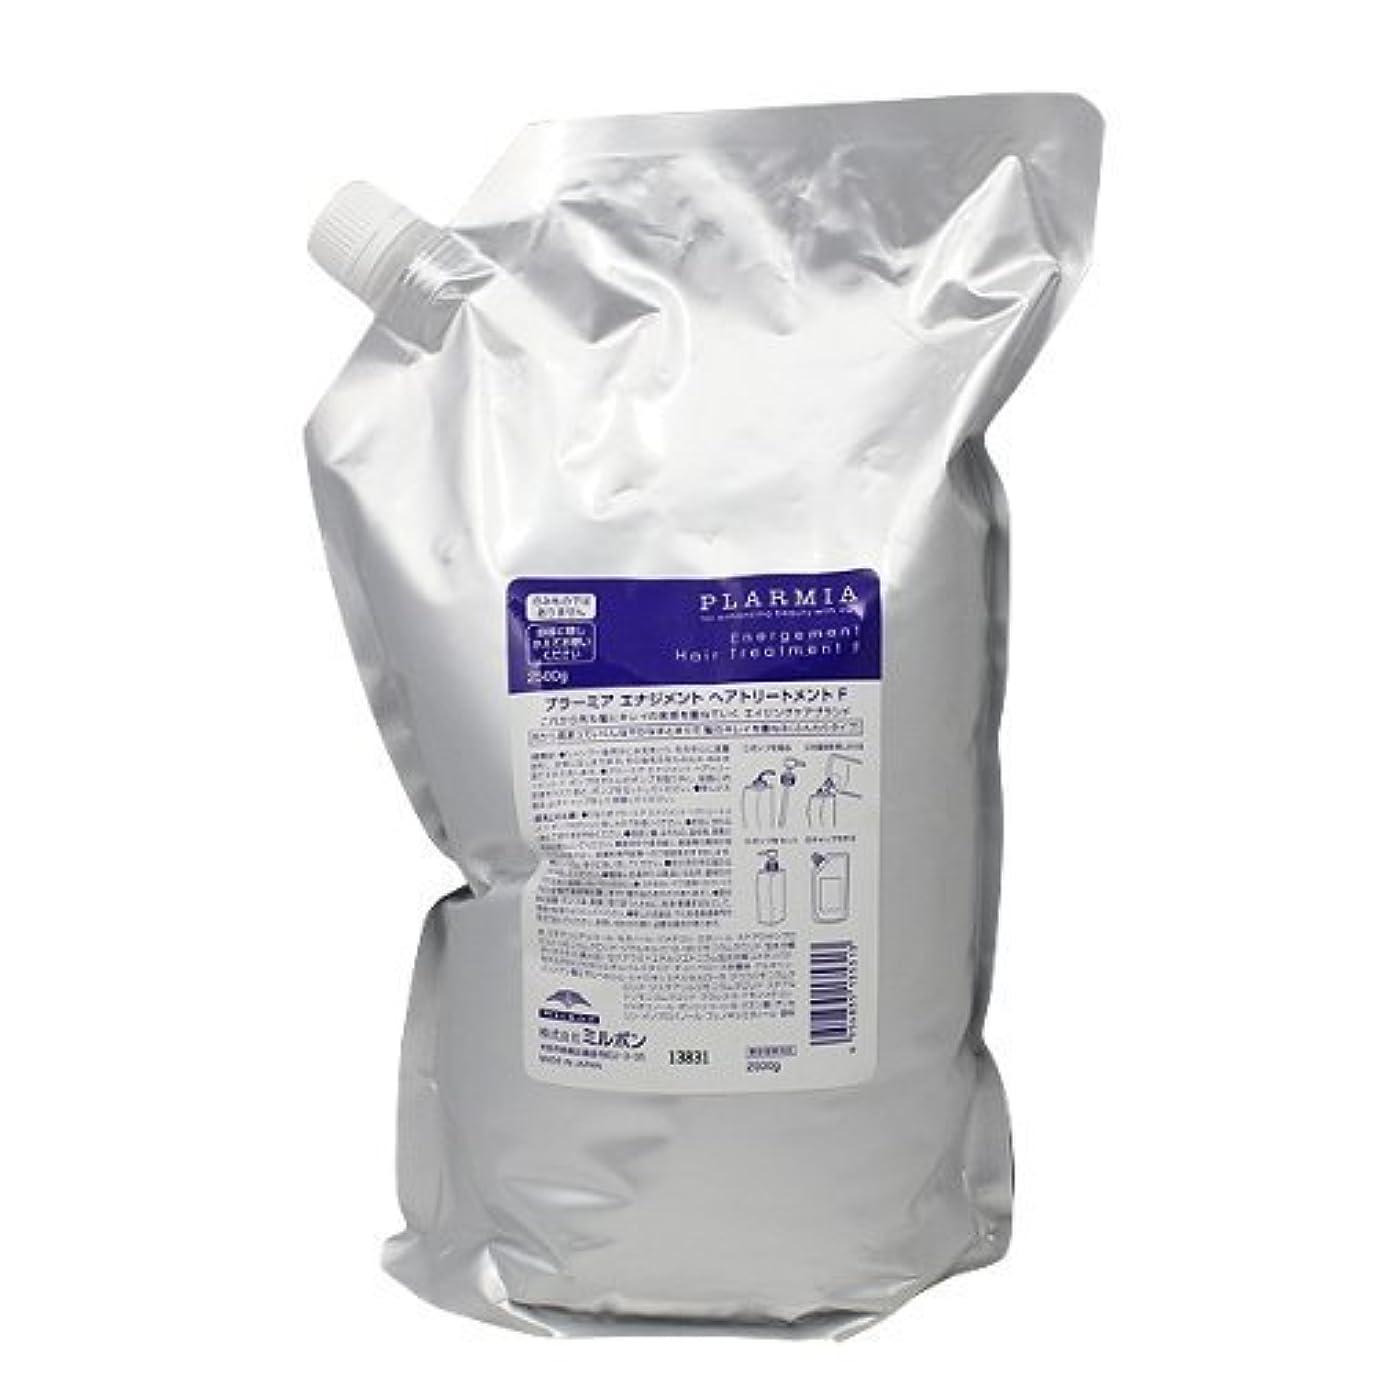 フォーラム動脈有効なミルボン プラーミア エナジメントトリートメントF 2500g(レフィル)